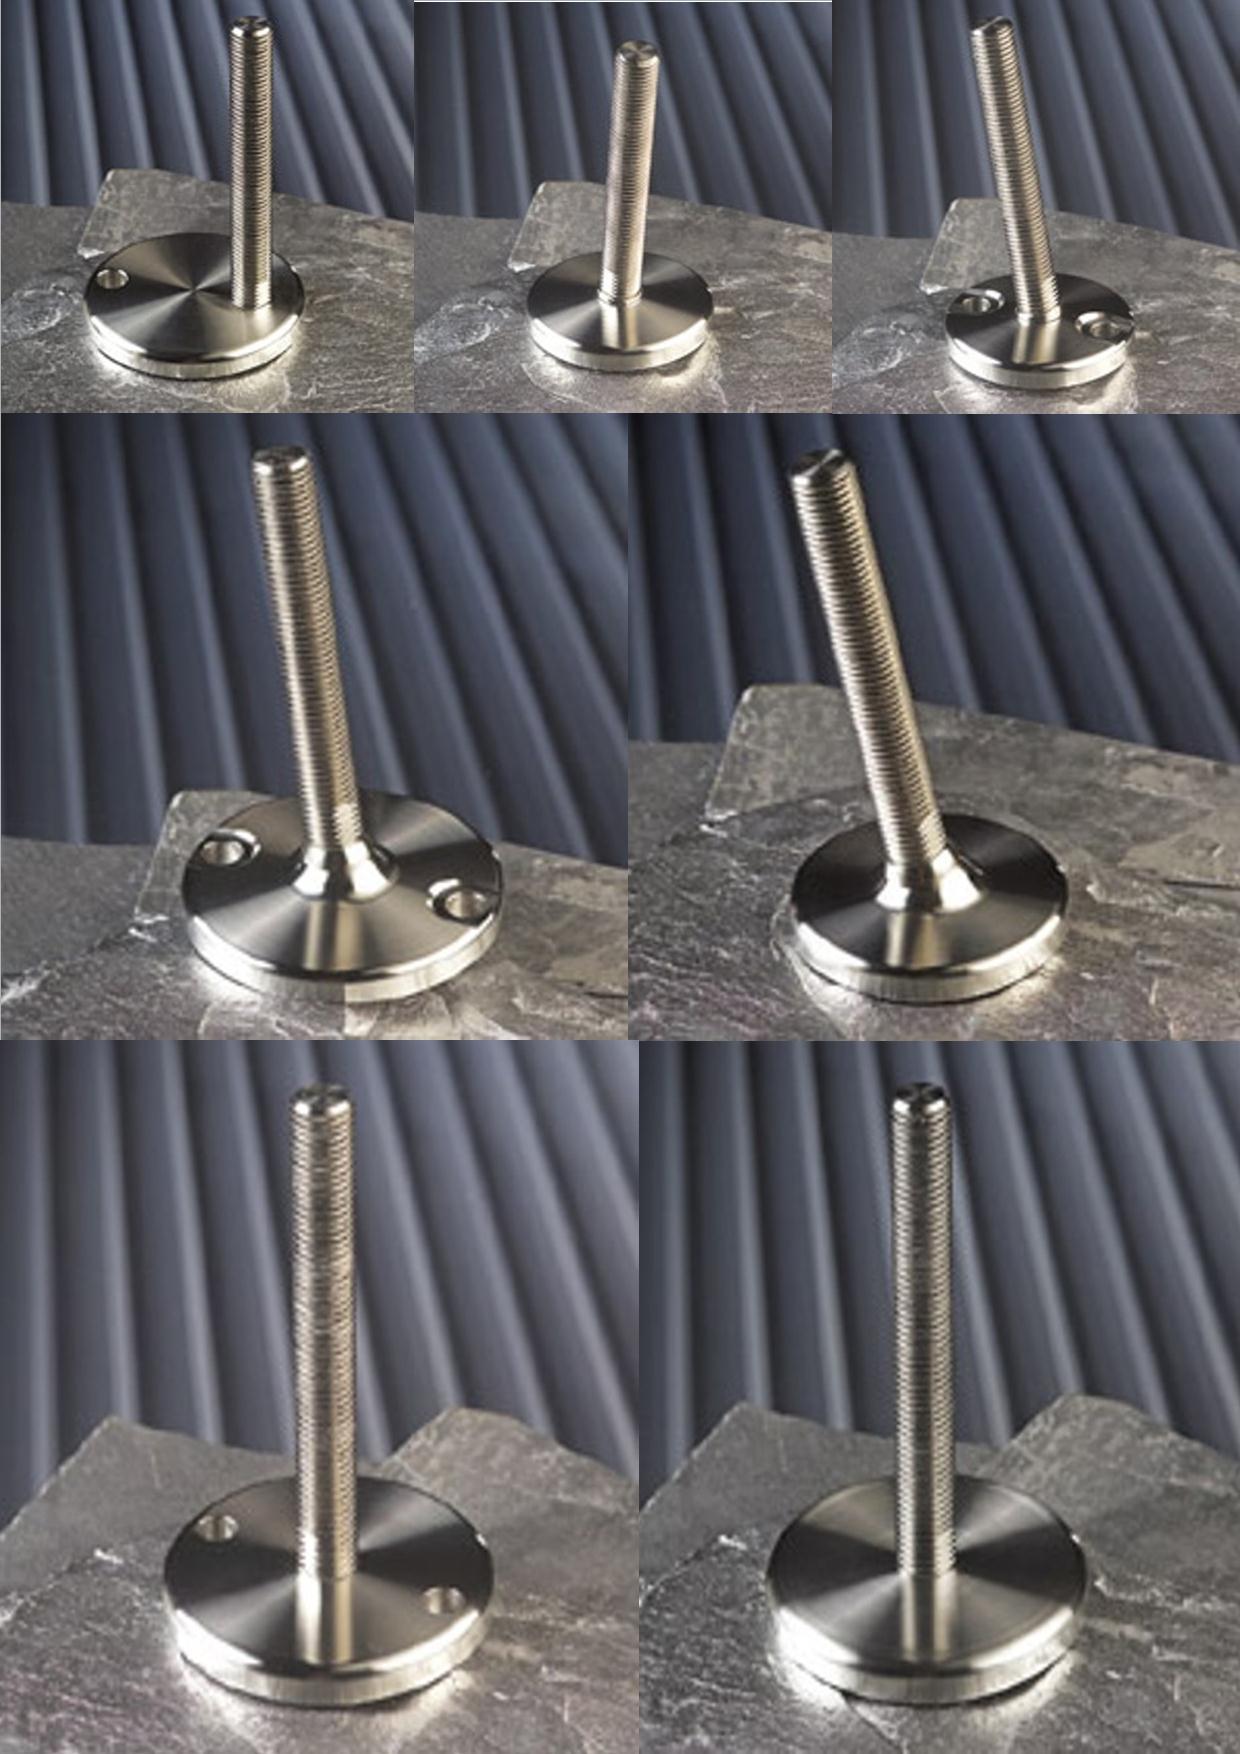 Pieds réglables en hauteur en acier inoxydable 304 MASSIF et adaptés aux très grandes charges (semelle caoutchouc et splitage au sol en option)